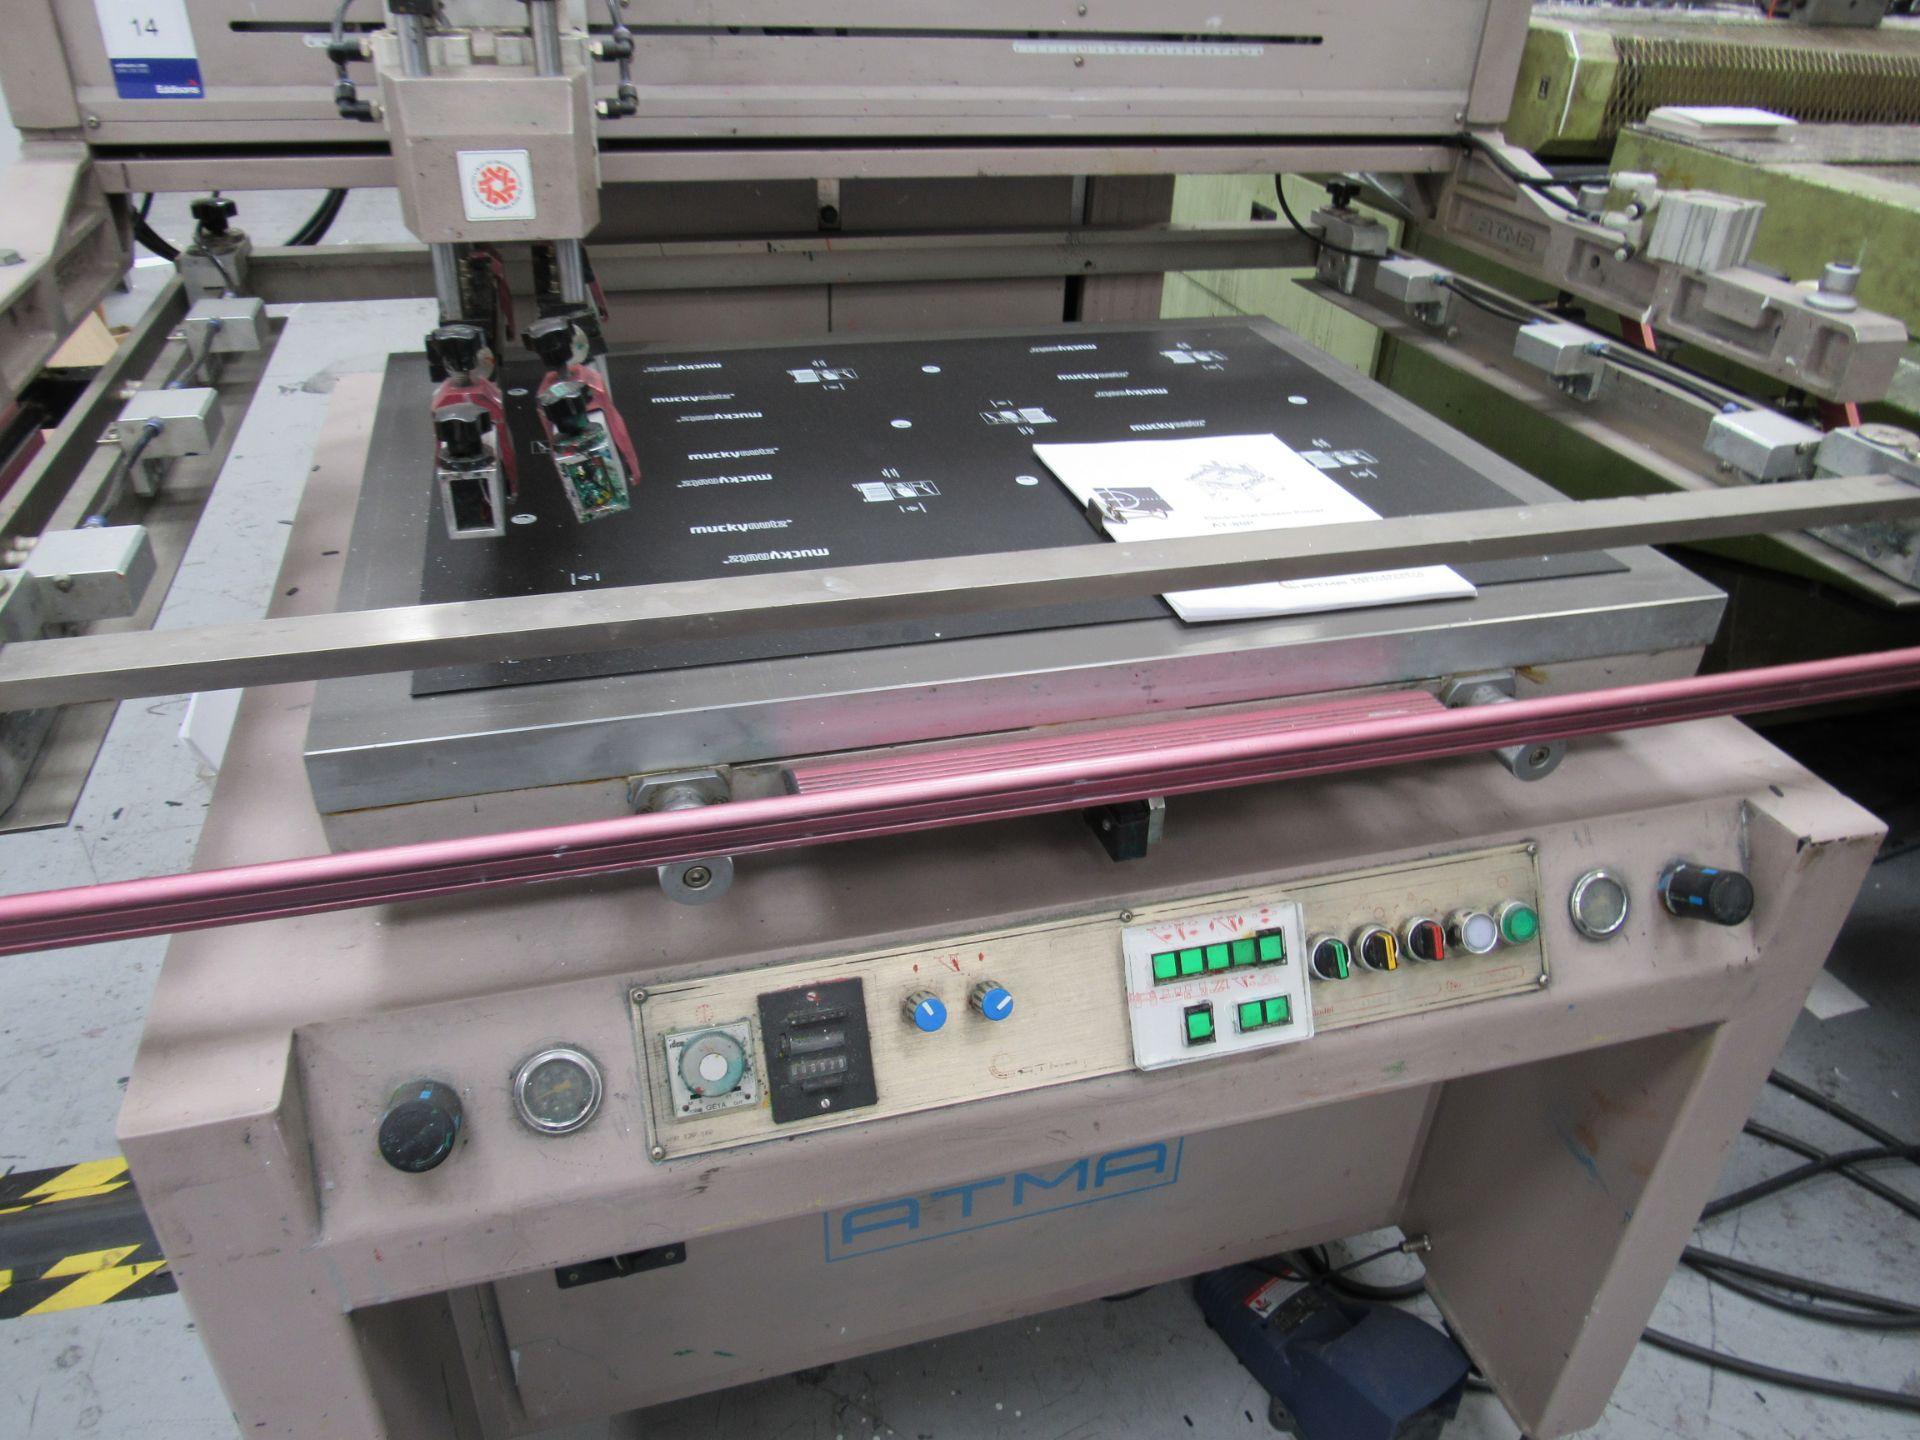 ATMA AT-80P Screen Printer 700x900mm, Serial Number 950301502 - Image 3 of 7